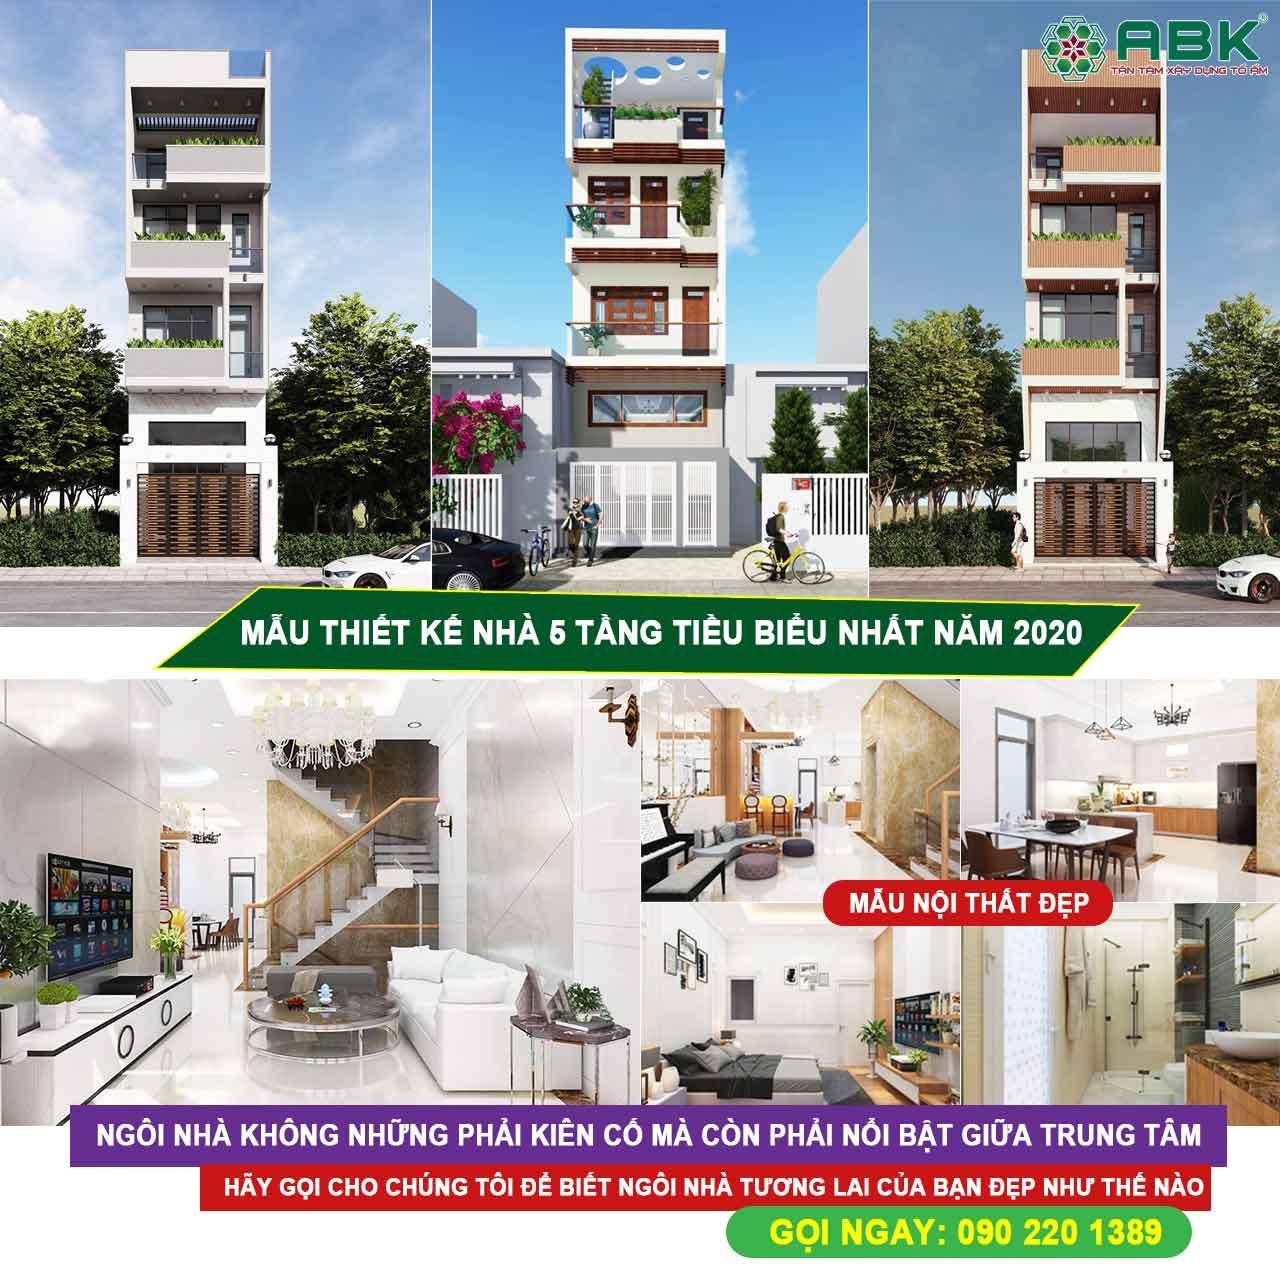 Chi phí xây dựng nhà 5 tầng 90m2